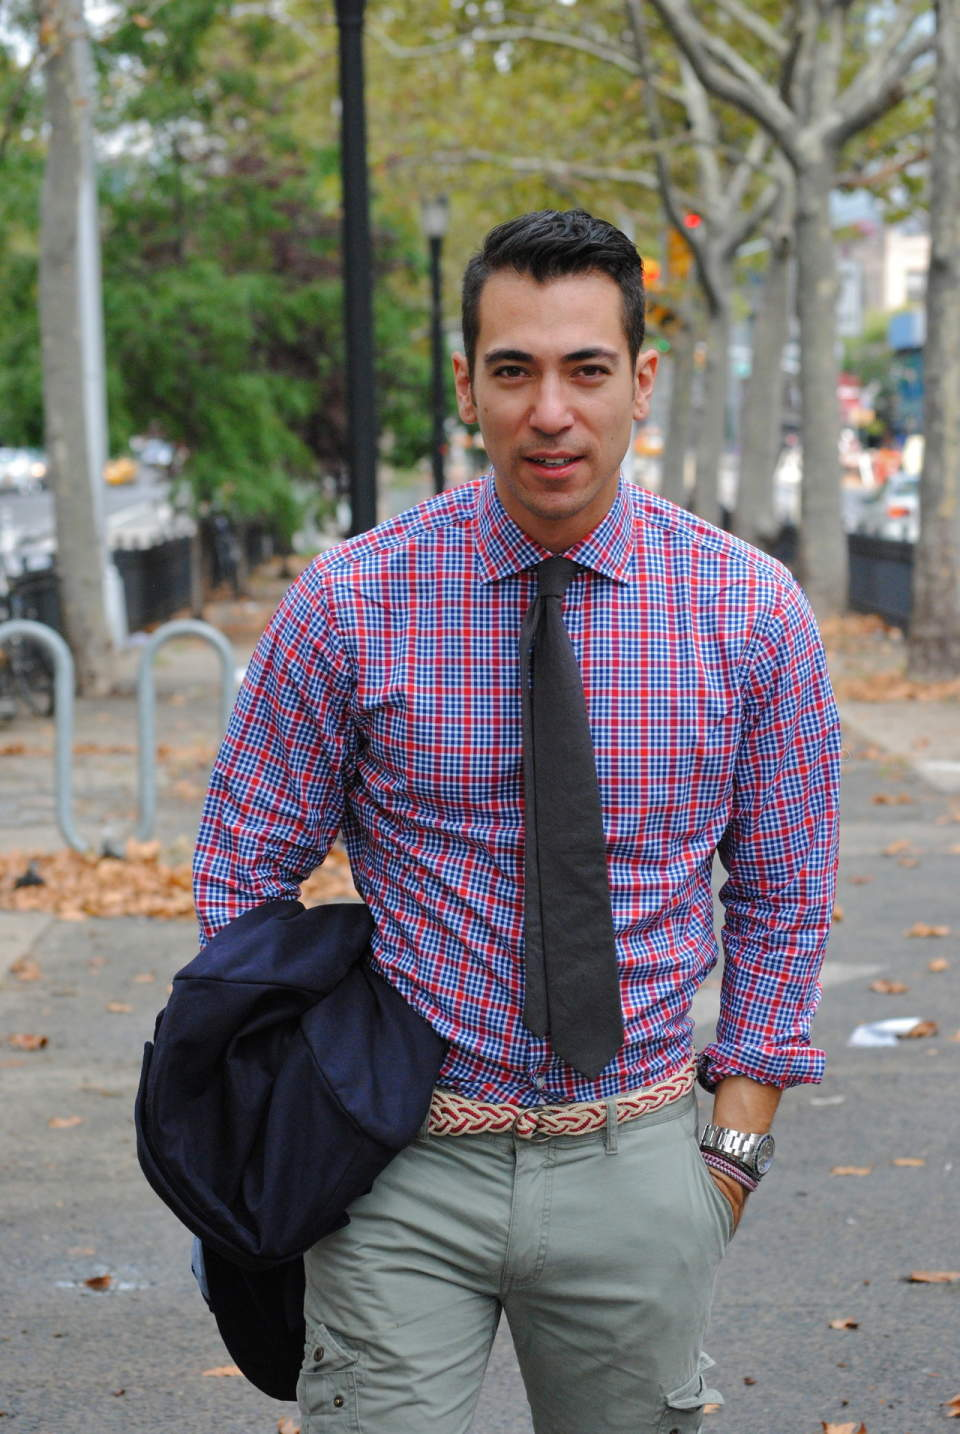 簡単に垢抜ける、チェックシャツのコーデ術。世界のおしゃれメンズから学ぶ、チェックシャツの成功法 2番目の画像